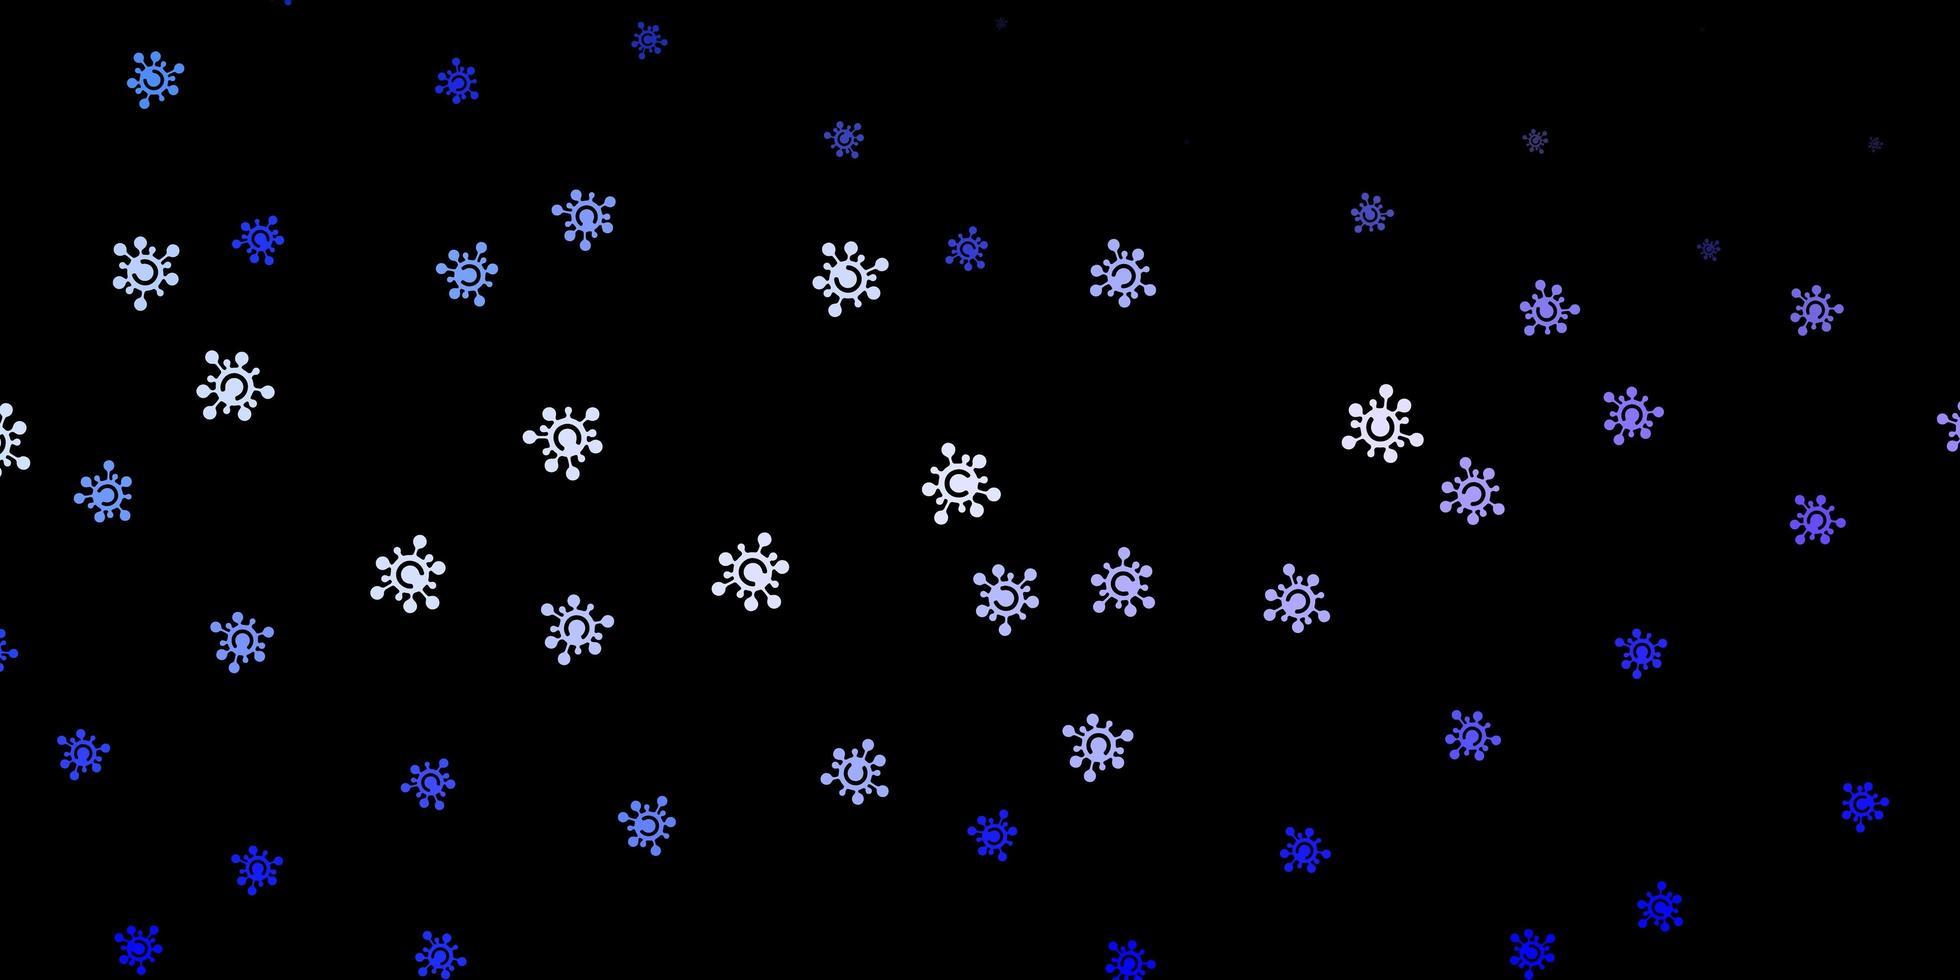 textura vector roxo escuro com símbolos de doença.